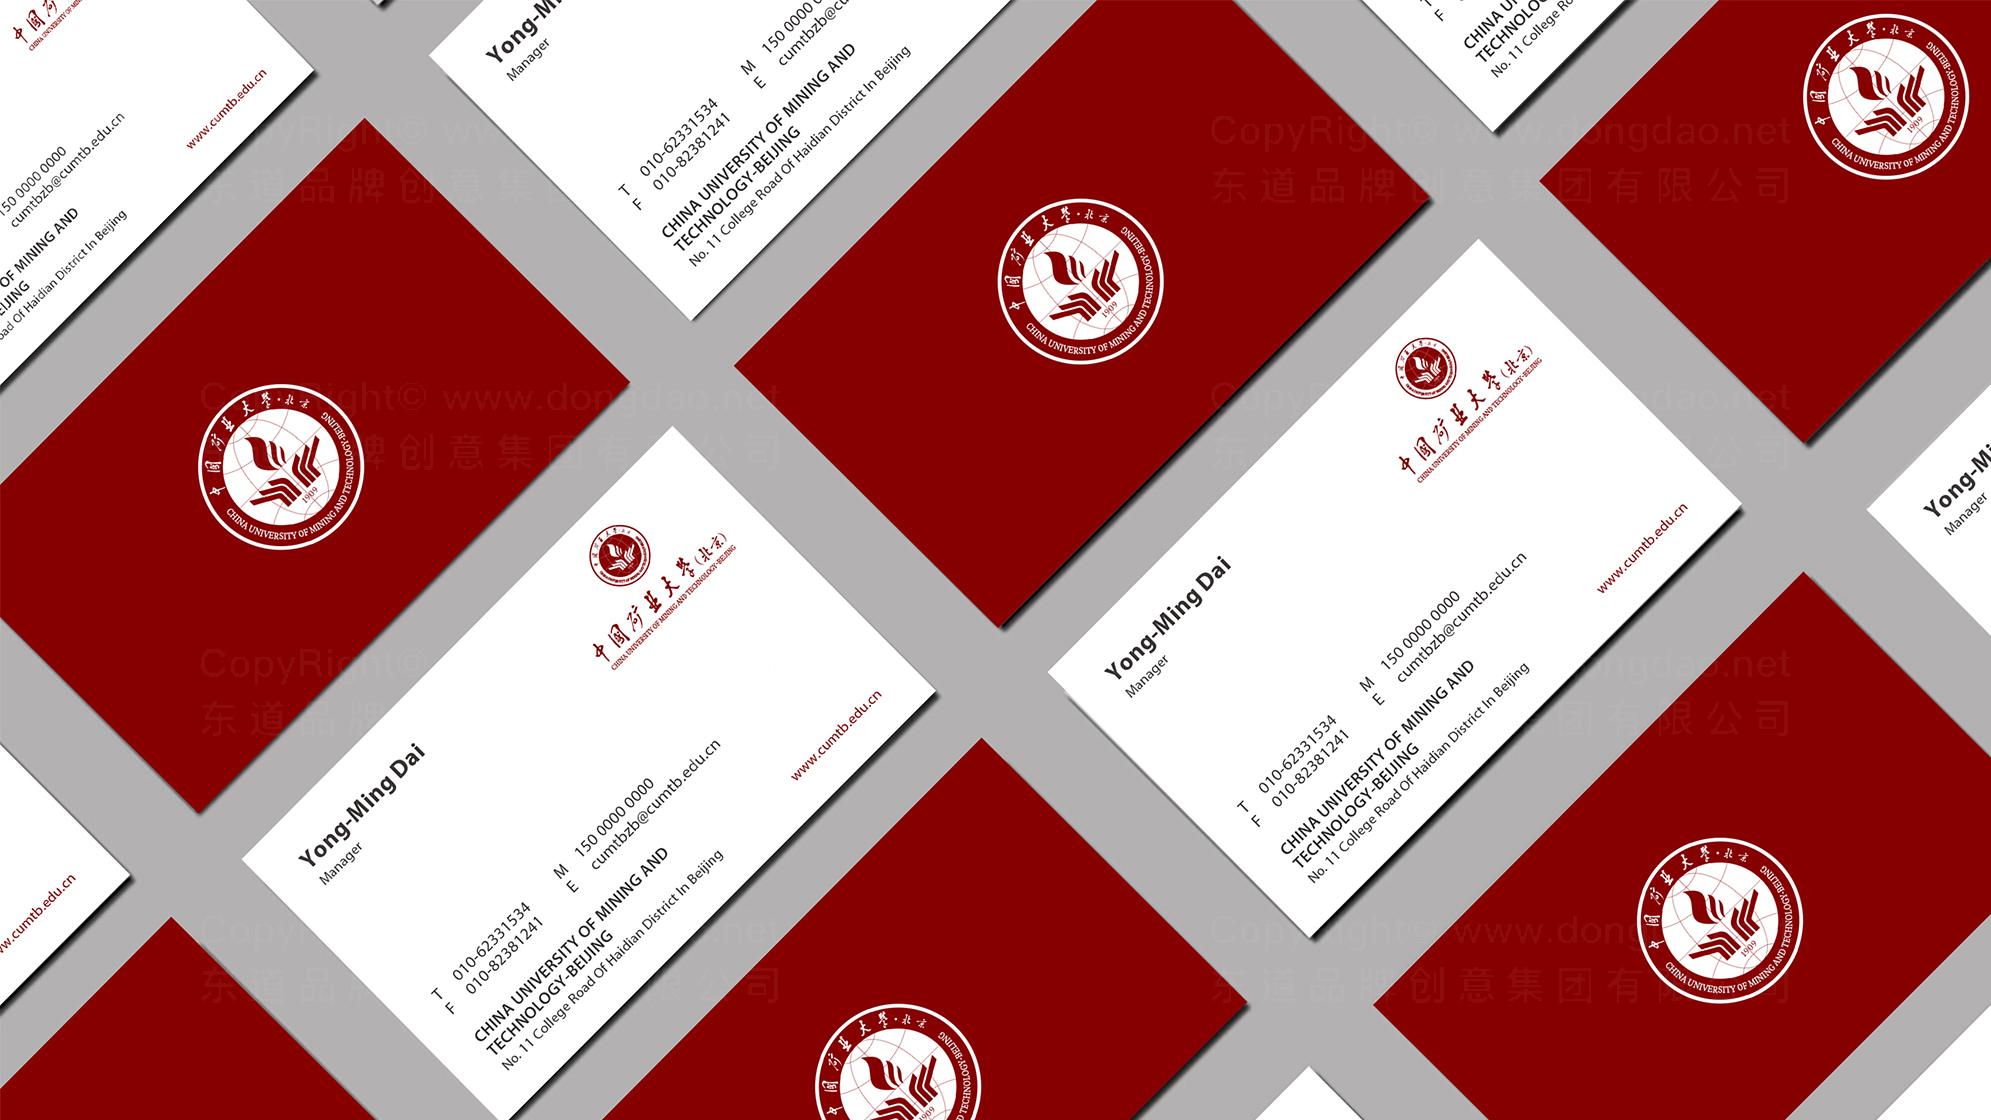 品牌设计中国矿业大学(北京)LOGO设计应用场景_6